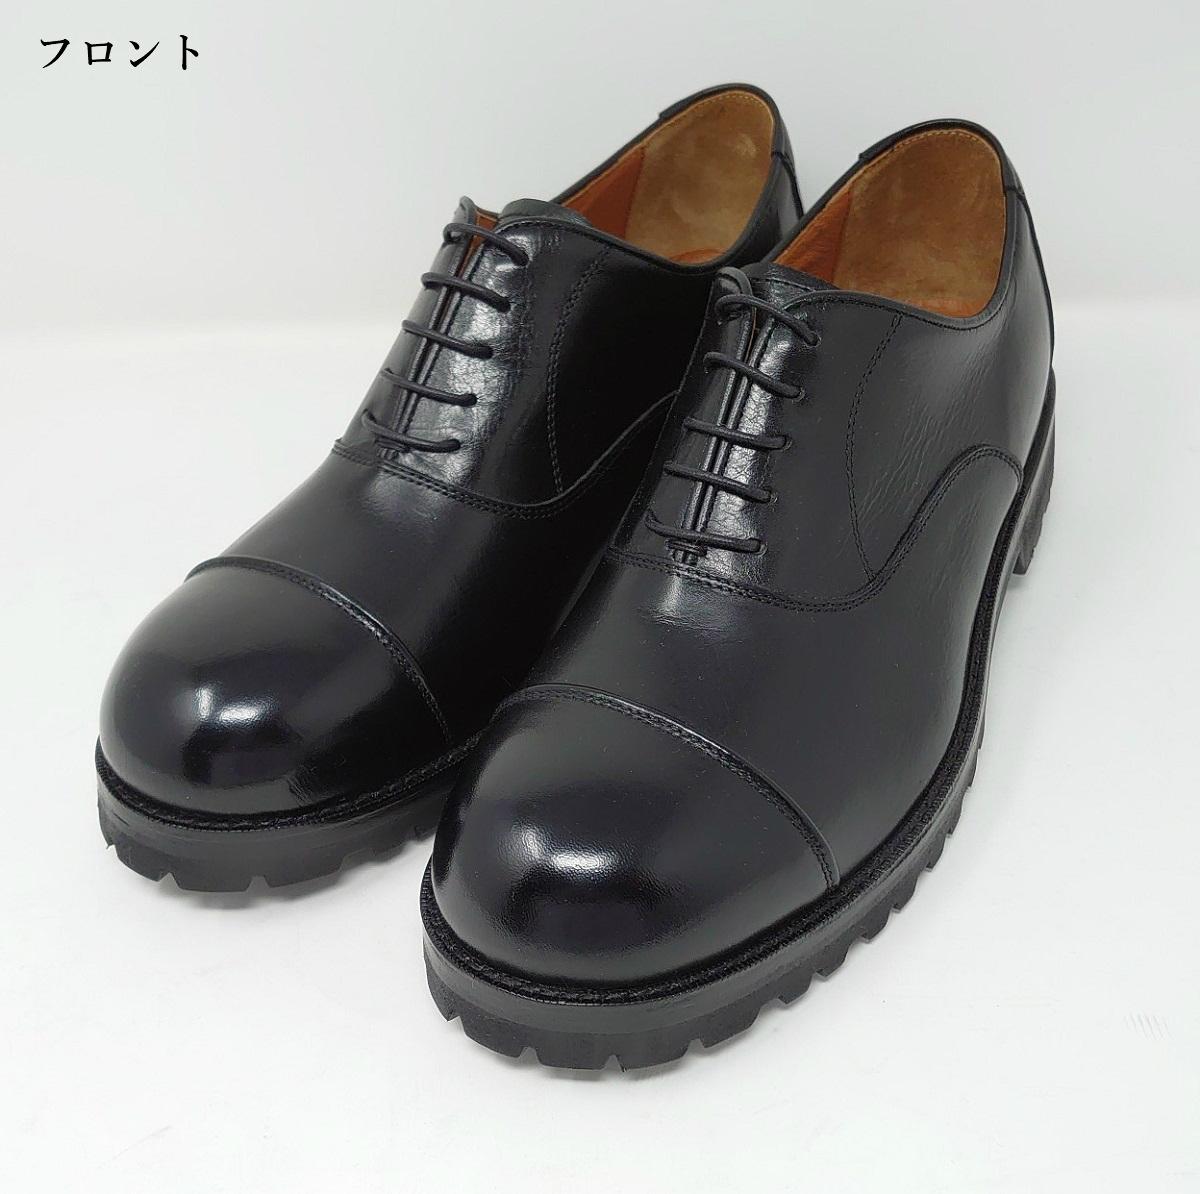 1点物 日本製 本革 タウンカジュアルシューズ 25.5cm ストレートチップ 内羽根 キルト ダブルモンクストラップ 靴 撥水 4E 高級 アラジン ARAGIN T-118